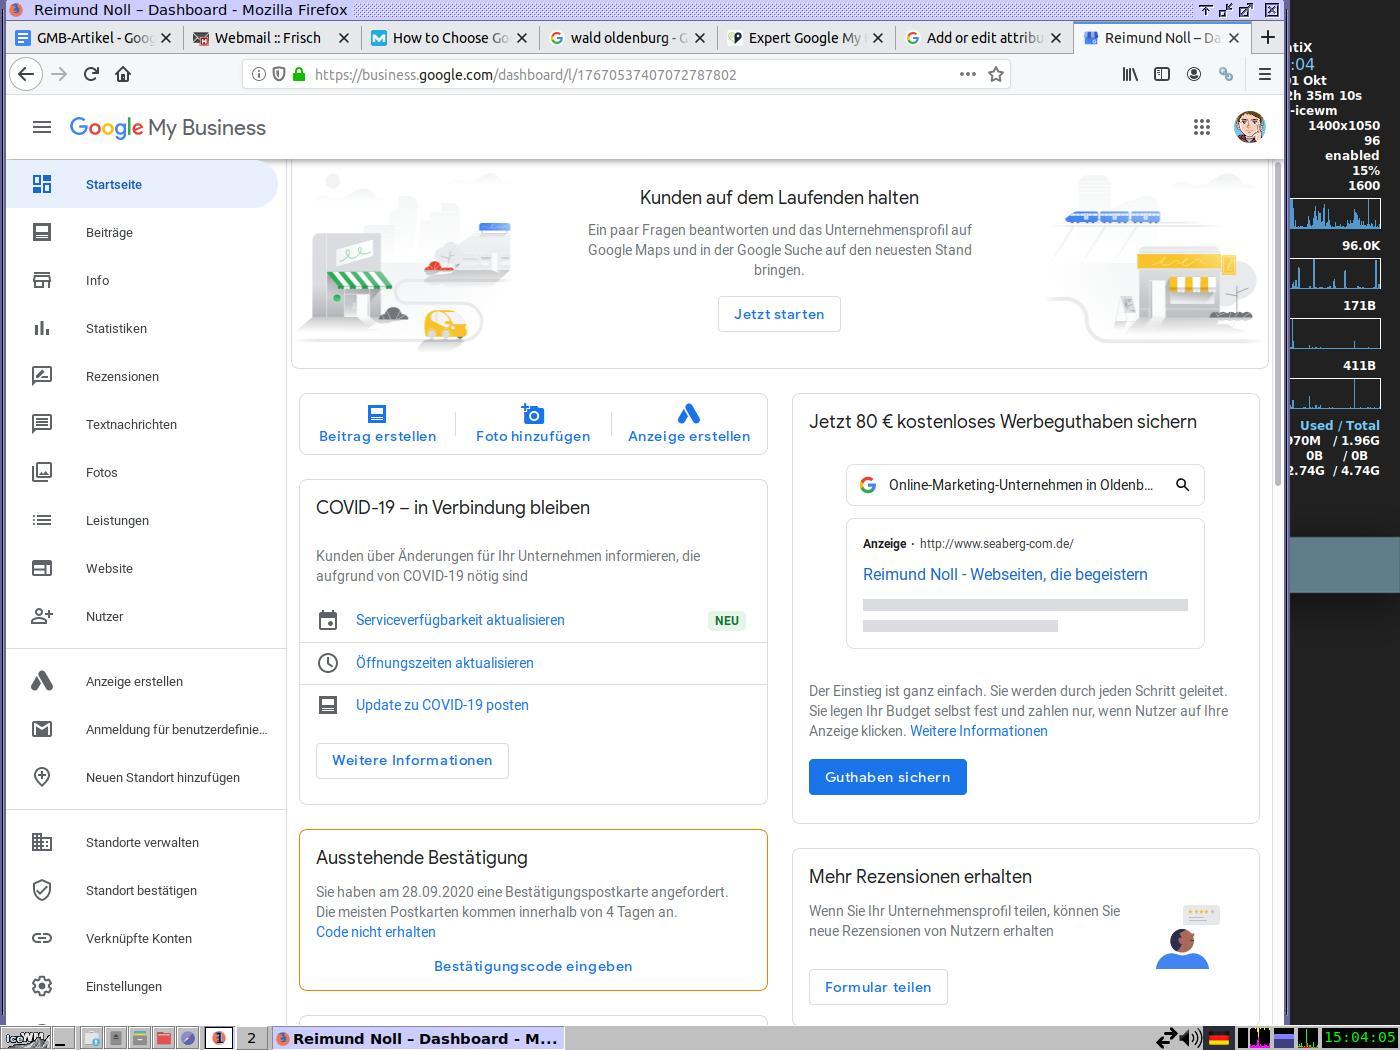 Abbildung 3: Visitenkarte eines Google-My-Business-Eintrags